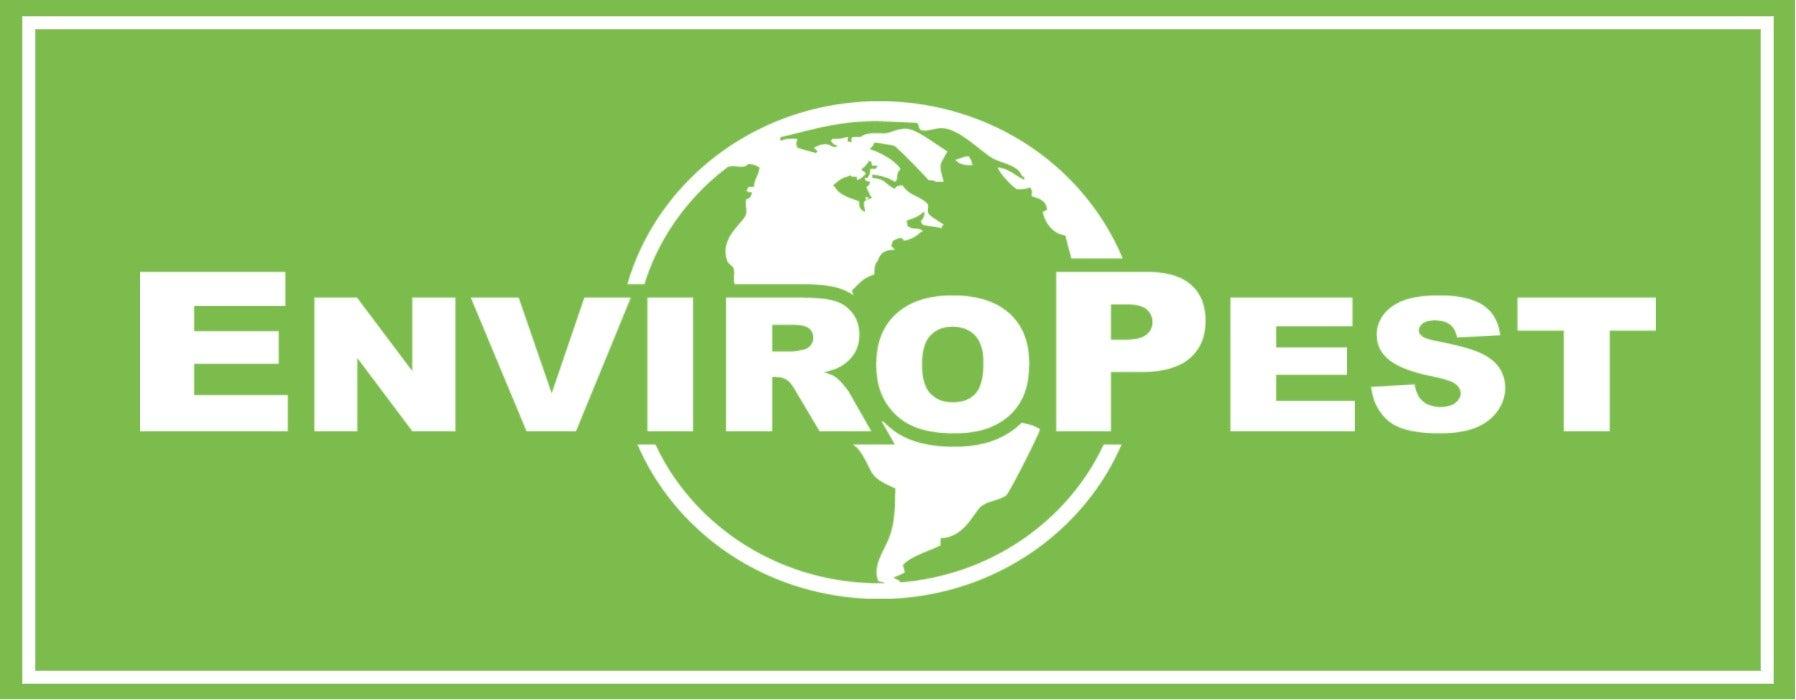 EP new logo.jpg